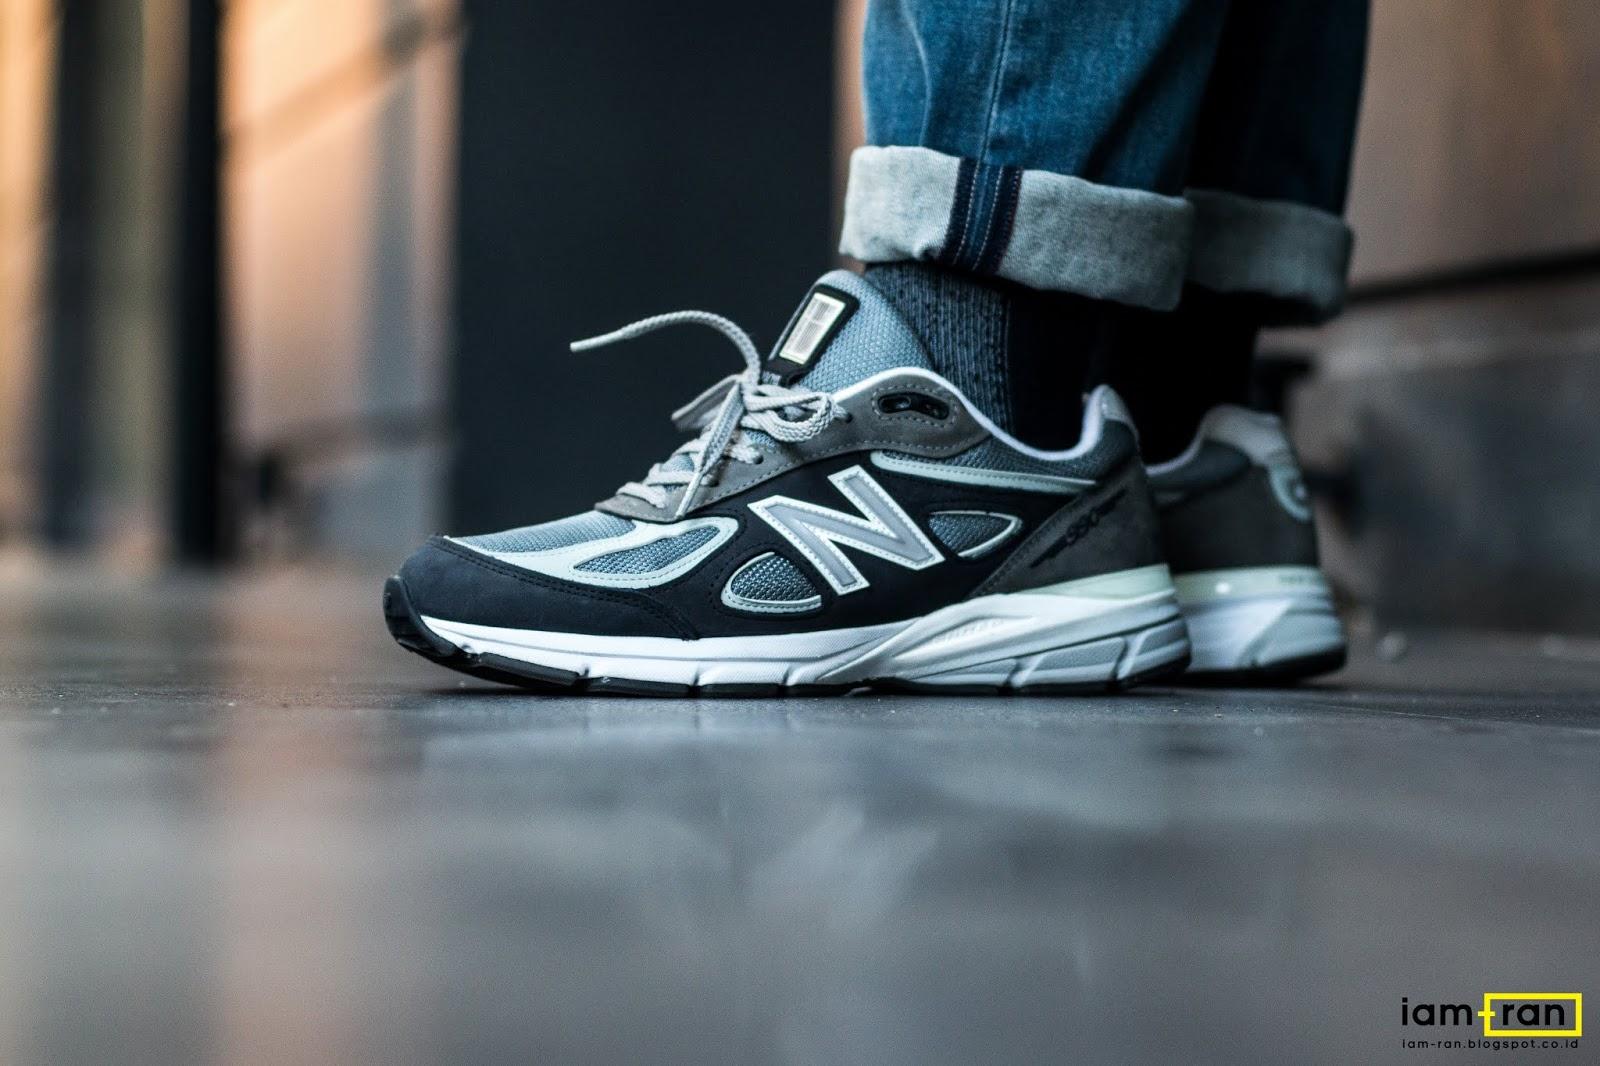 separation shoes 9f6e1 000dd IAM-RAN: ON FEET : Zulfikar Ali - New Balance 990v4 AEXG